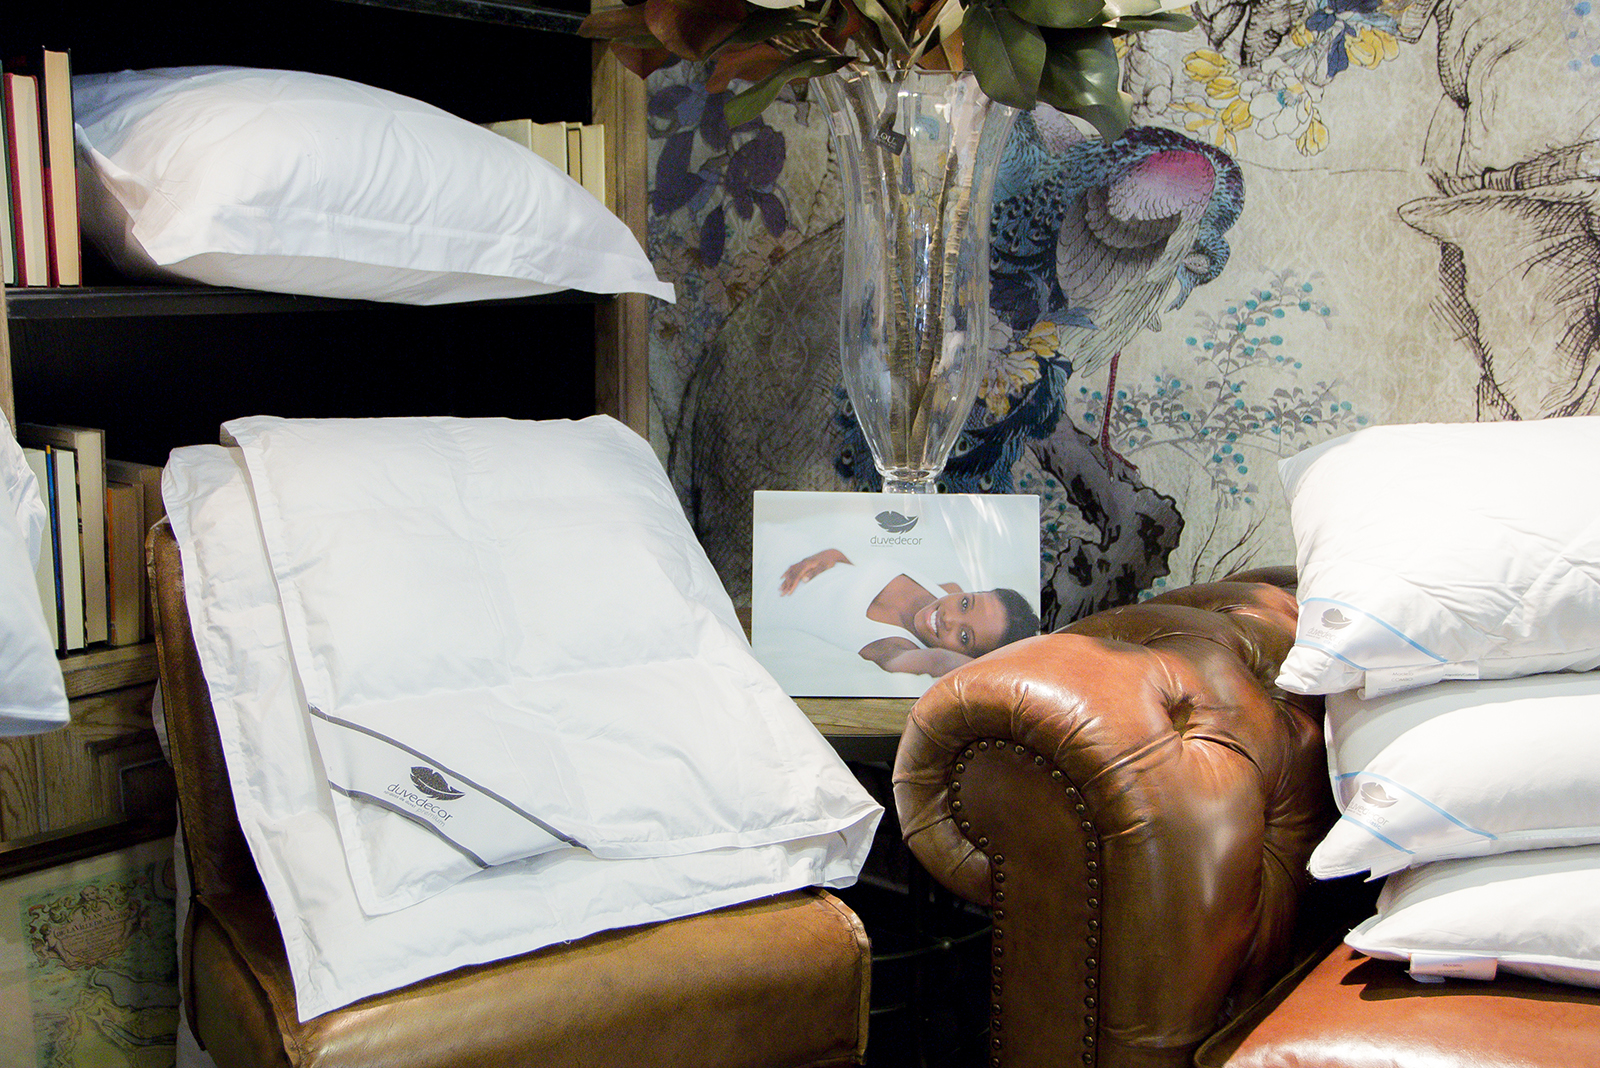 Duvedecor Nórdico y almohadas